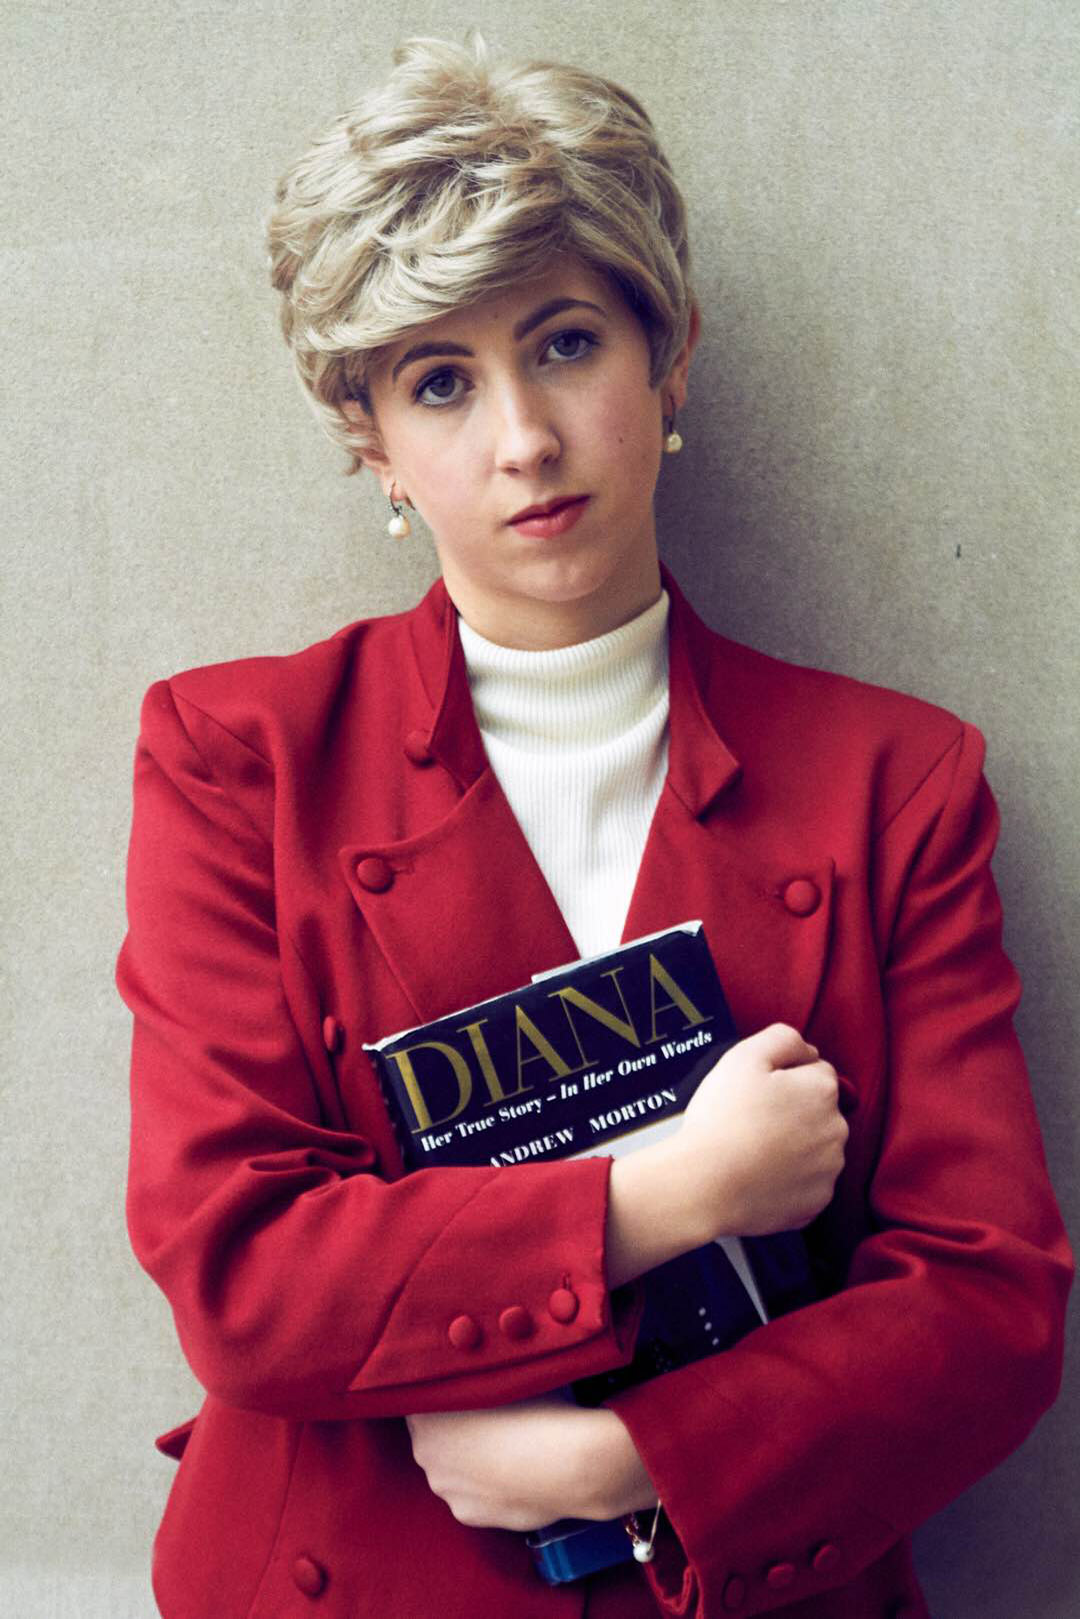 THE DIANA TAPES Ana Cristina Schuler as Diana Pincess of Wales